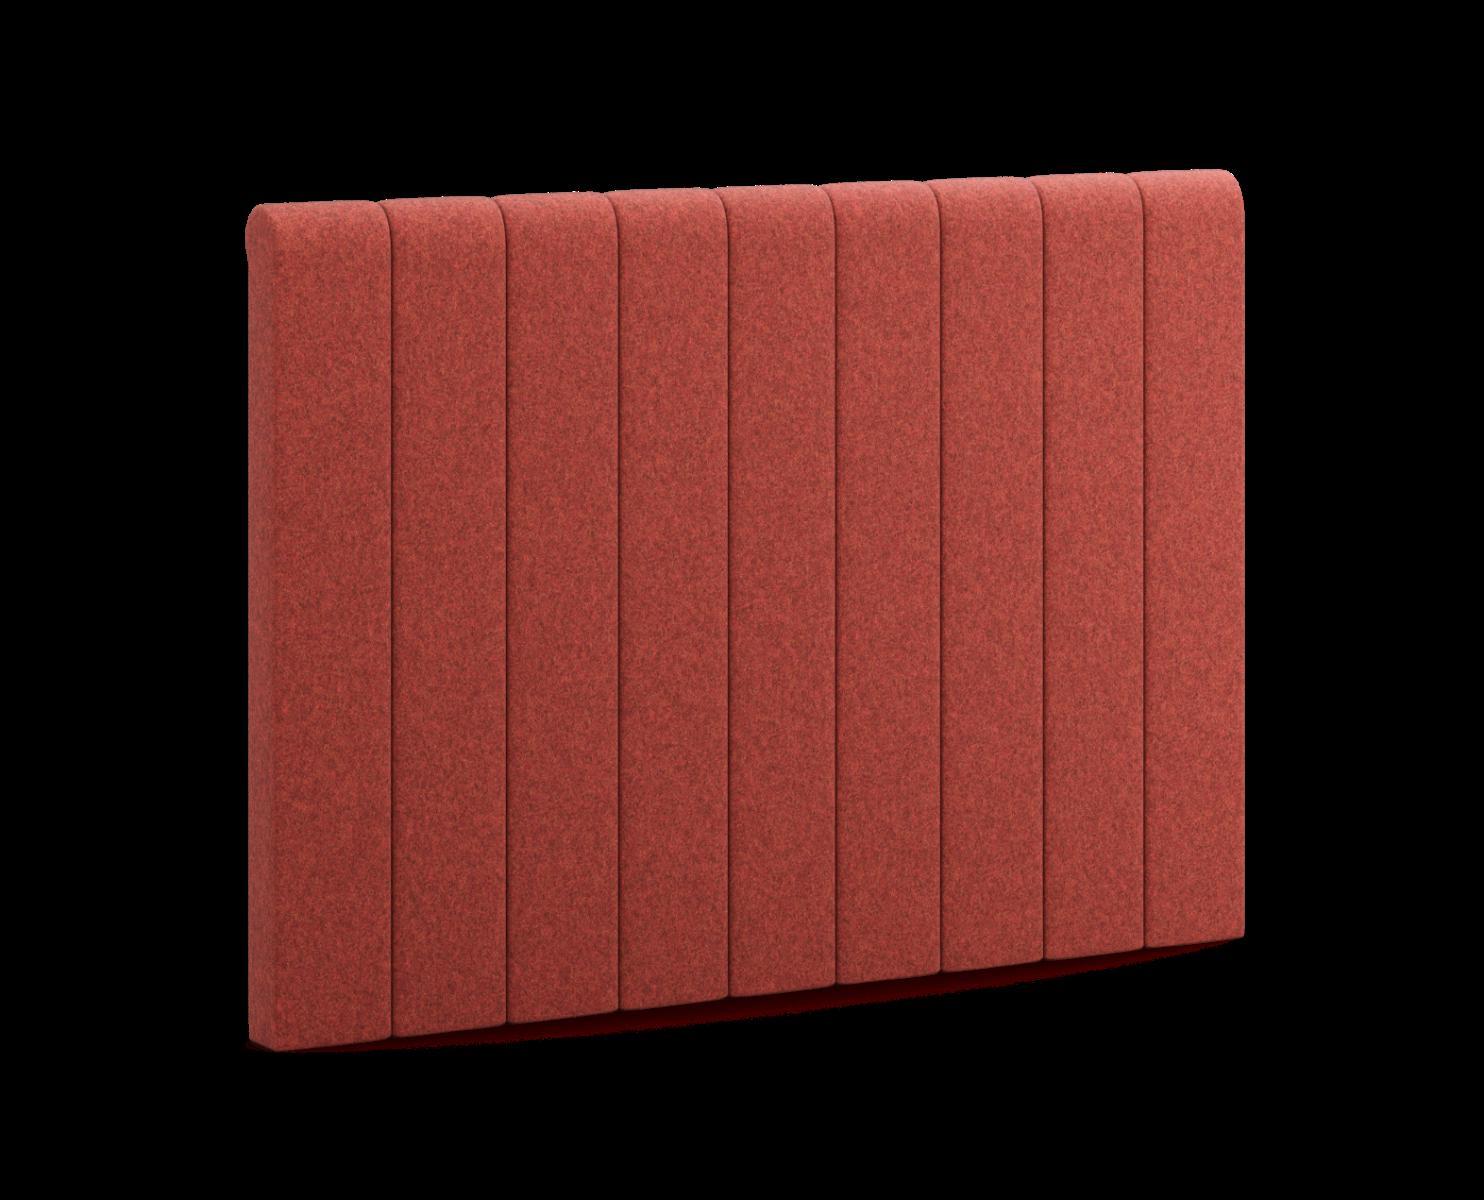 Køb Ovia Regal - 160x130x10 Rust